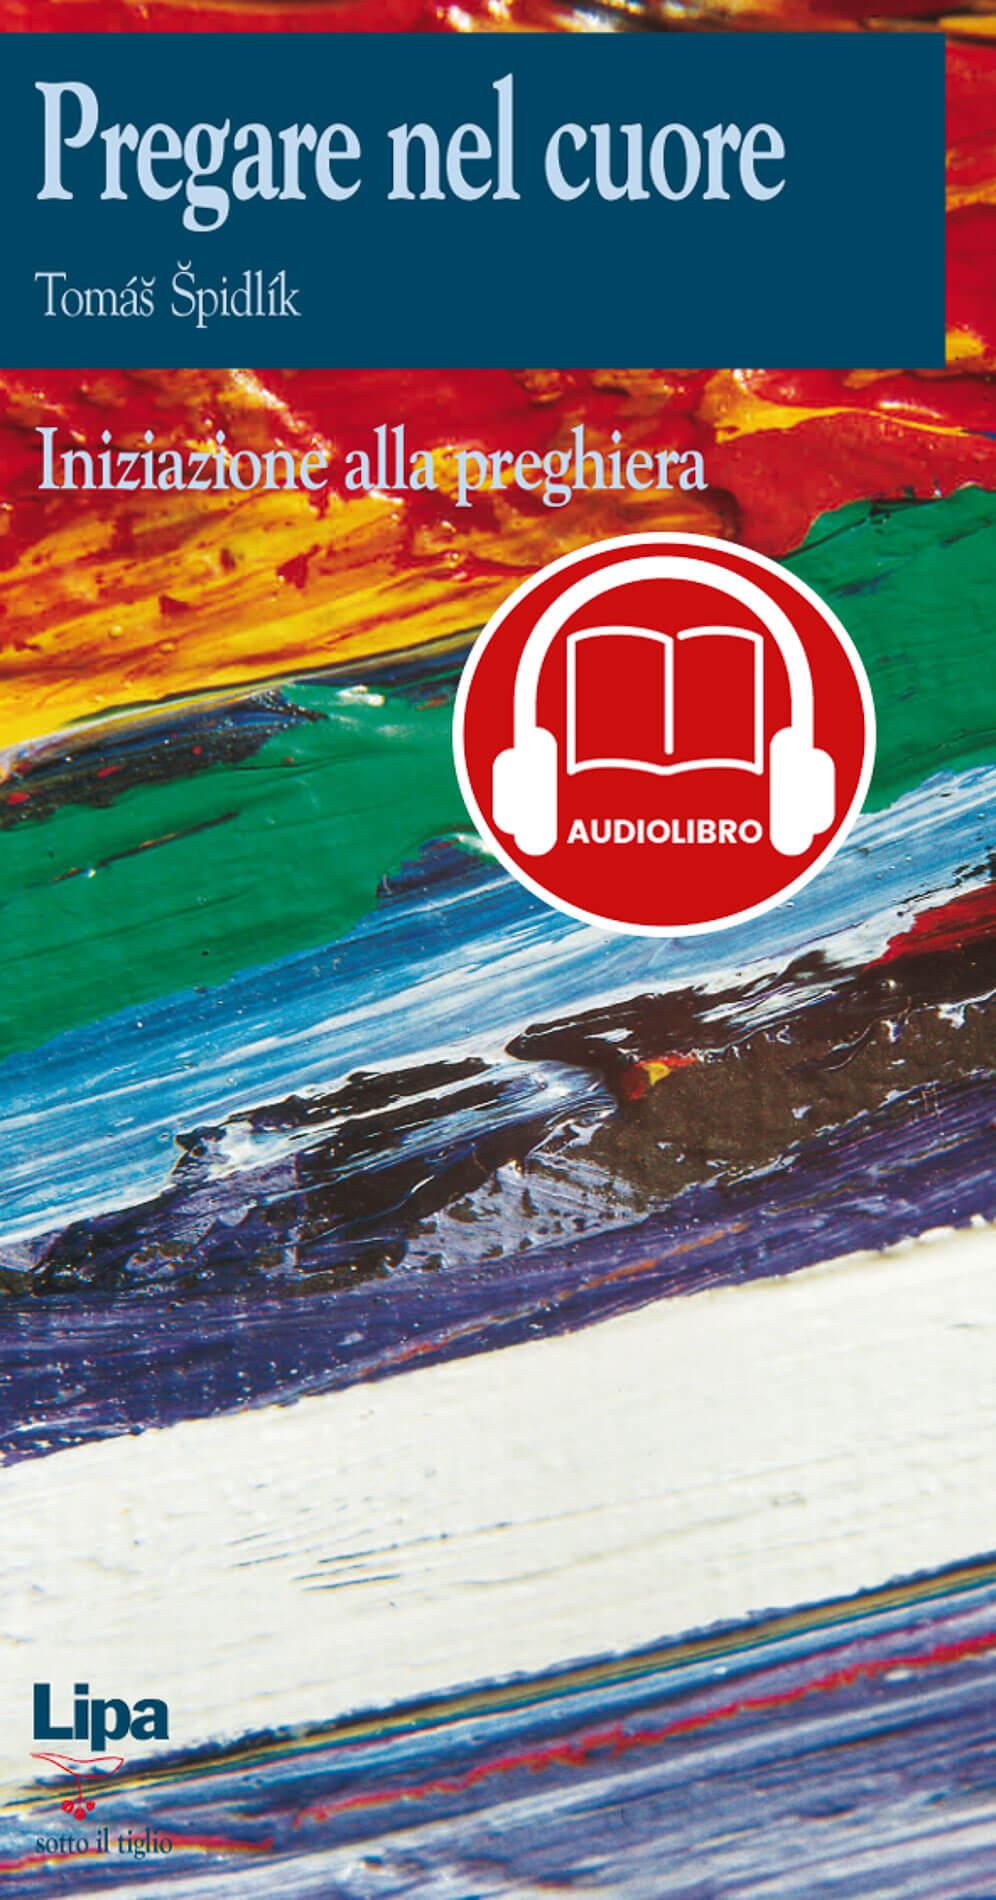 Pregare nel cuore (Audiolibro)